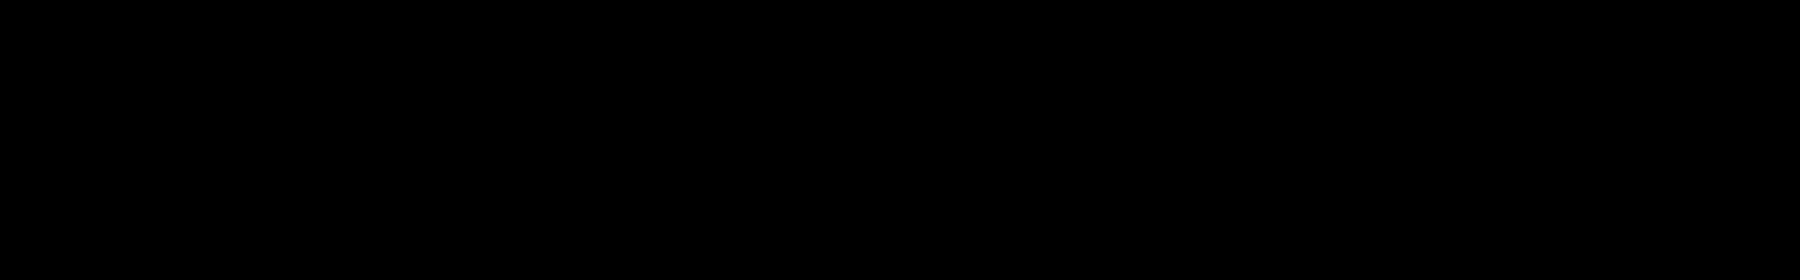 Tunecraft EDM Signature Series Vol.2 audio waveform